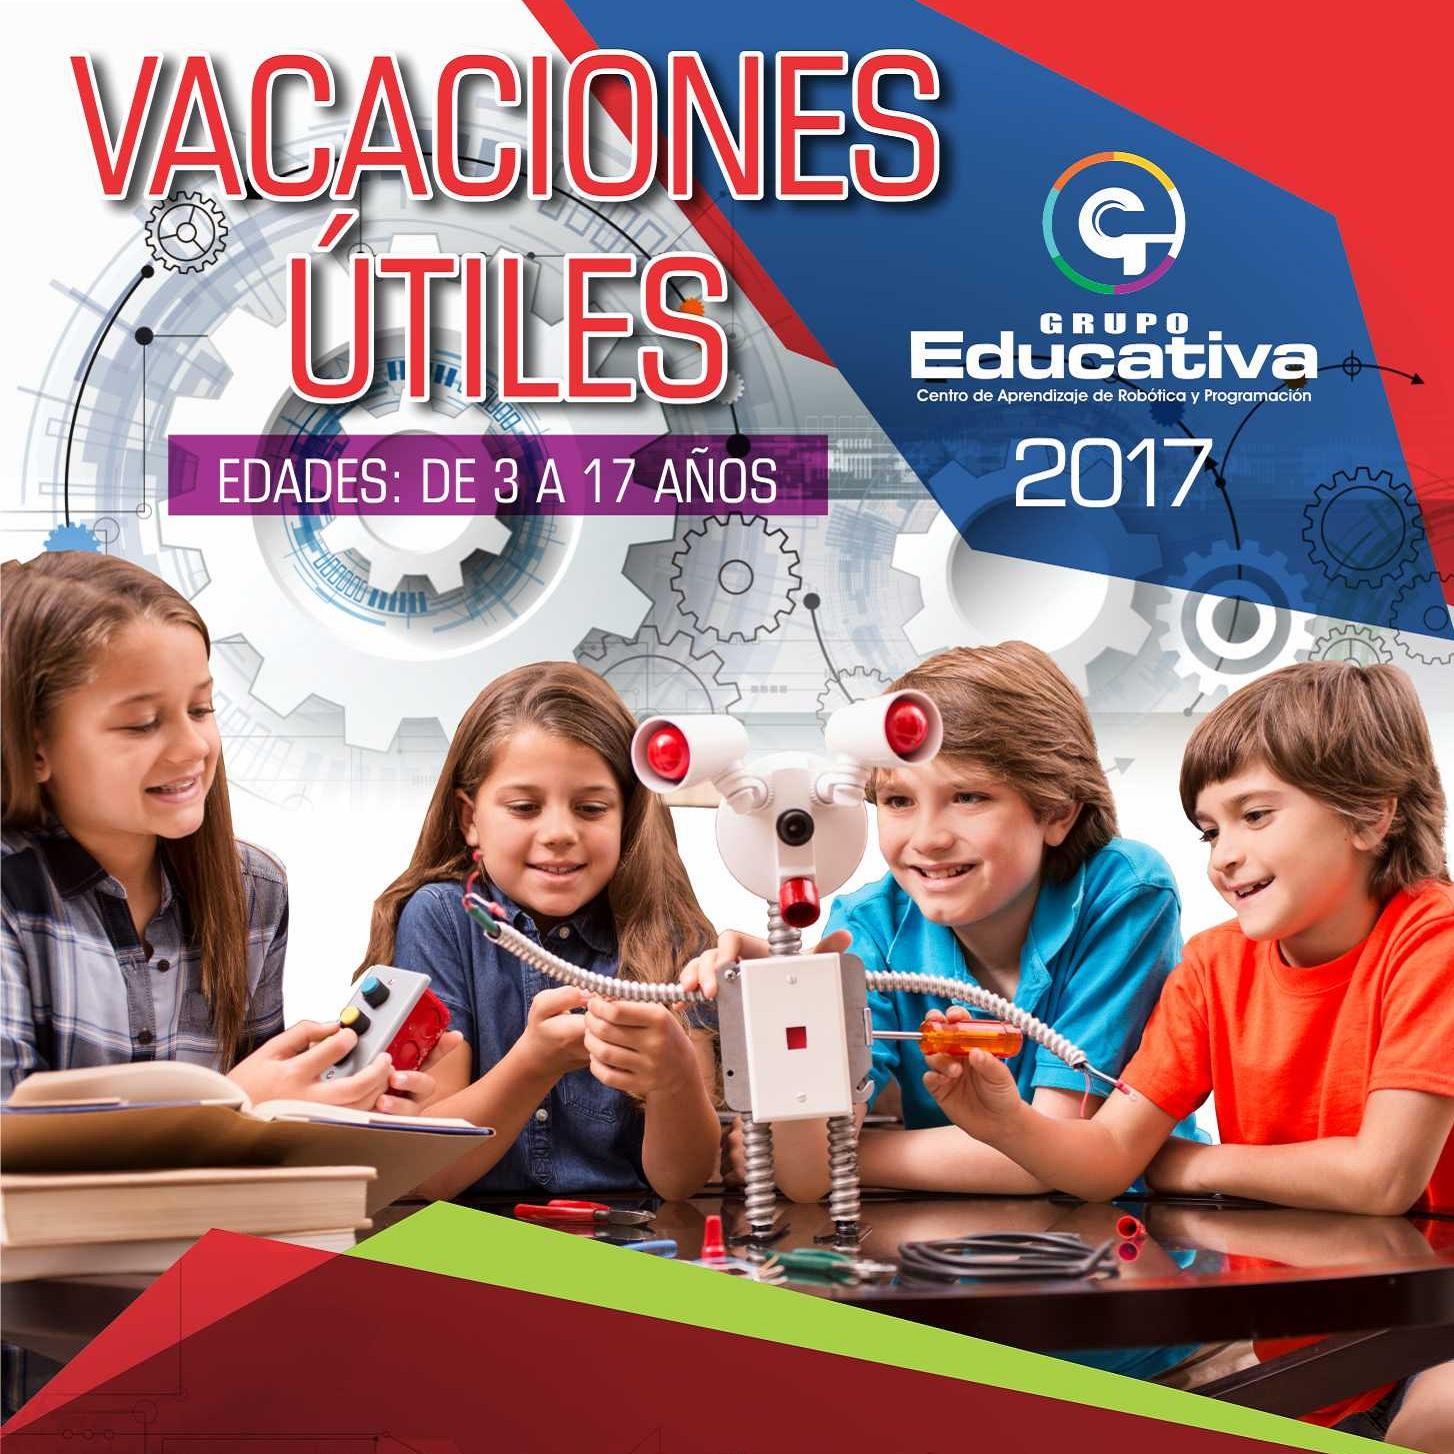 VACACIONES ÚTILES 2017